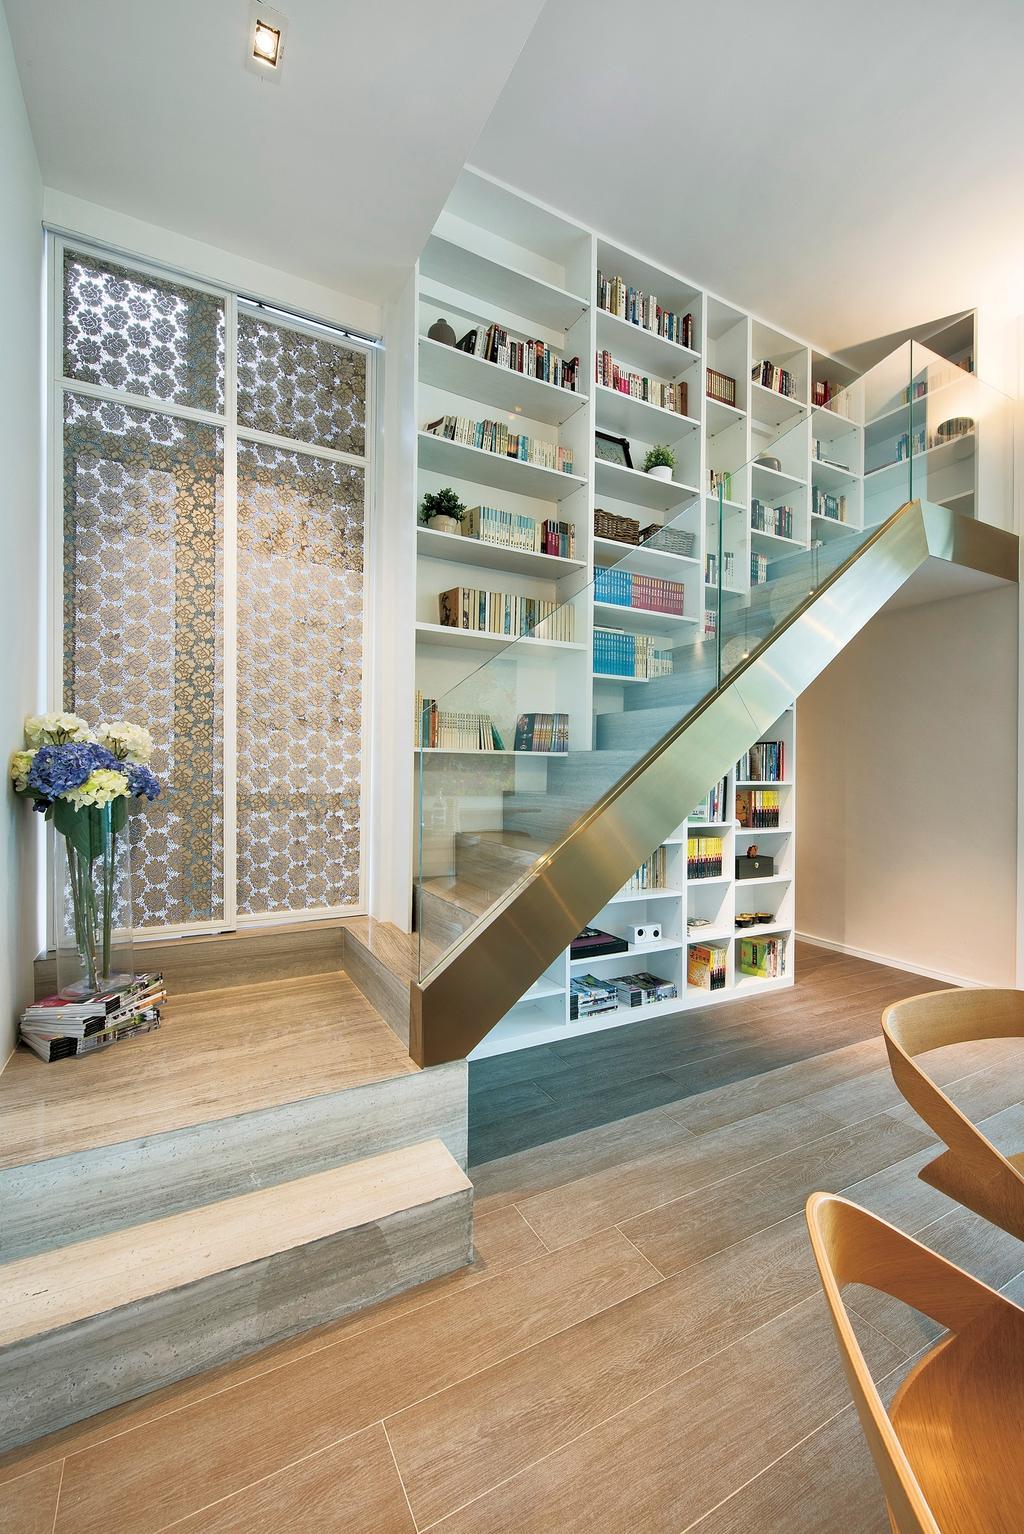 摩登, 私家樓, 飯廳, Deerhill Bay, 室內設計師, 畫斯室內設計, 當代, 北歐, Indoors, Interior Design, Banister, Handrail, Staircase, Bookcase, Furniture